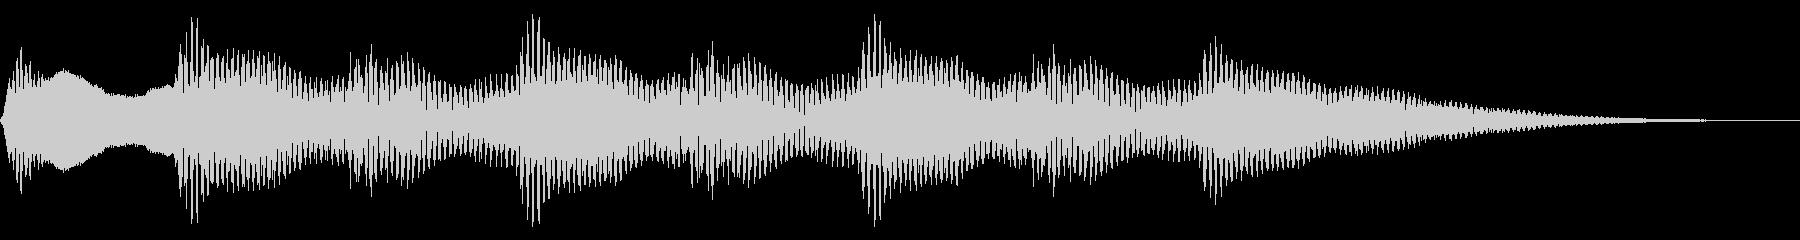 レトロなクイズ正解音 ピンポン4回 合格の未再生の波形